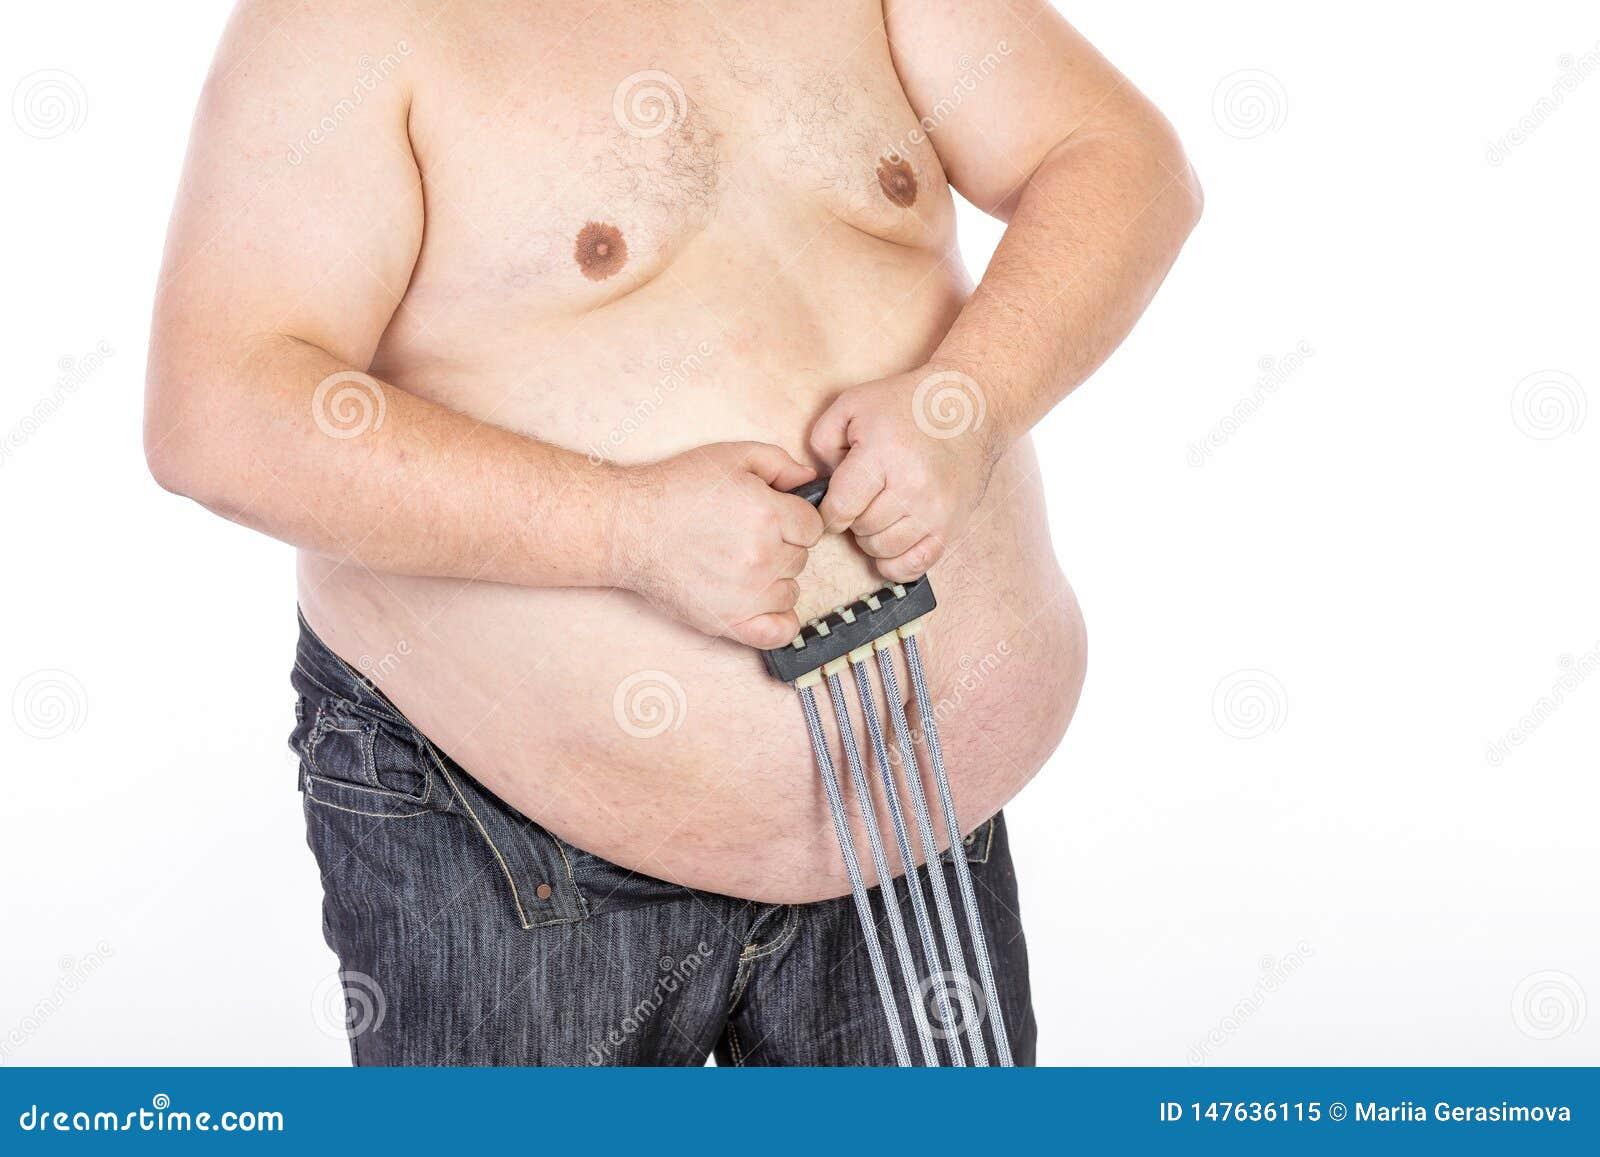 Duzi brzuch?w m??czy?ni przed diet? i sprawno?ci? fizyczn?